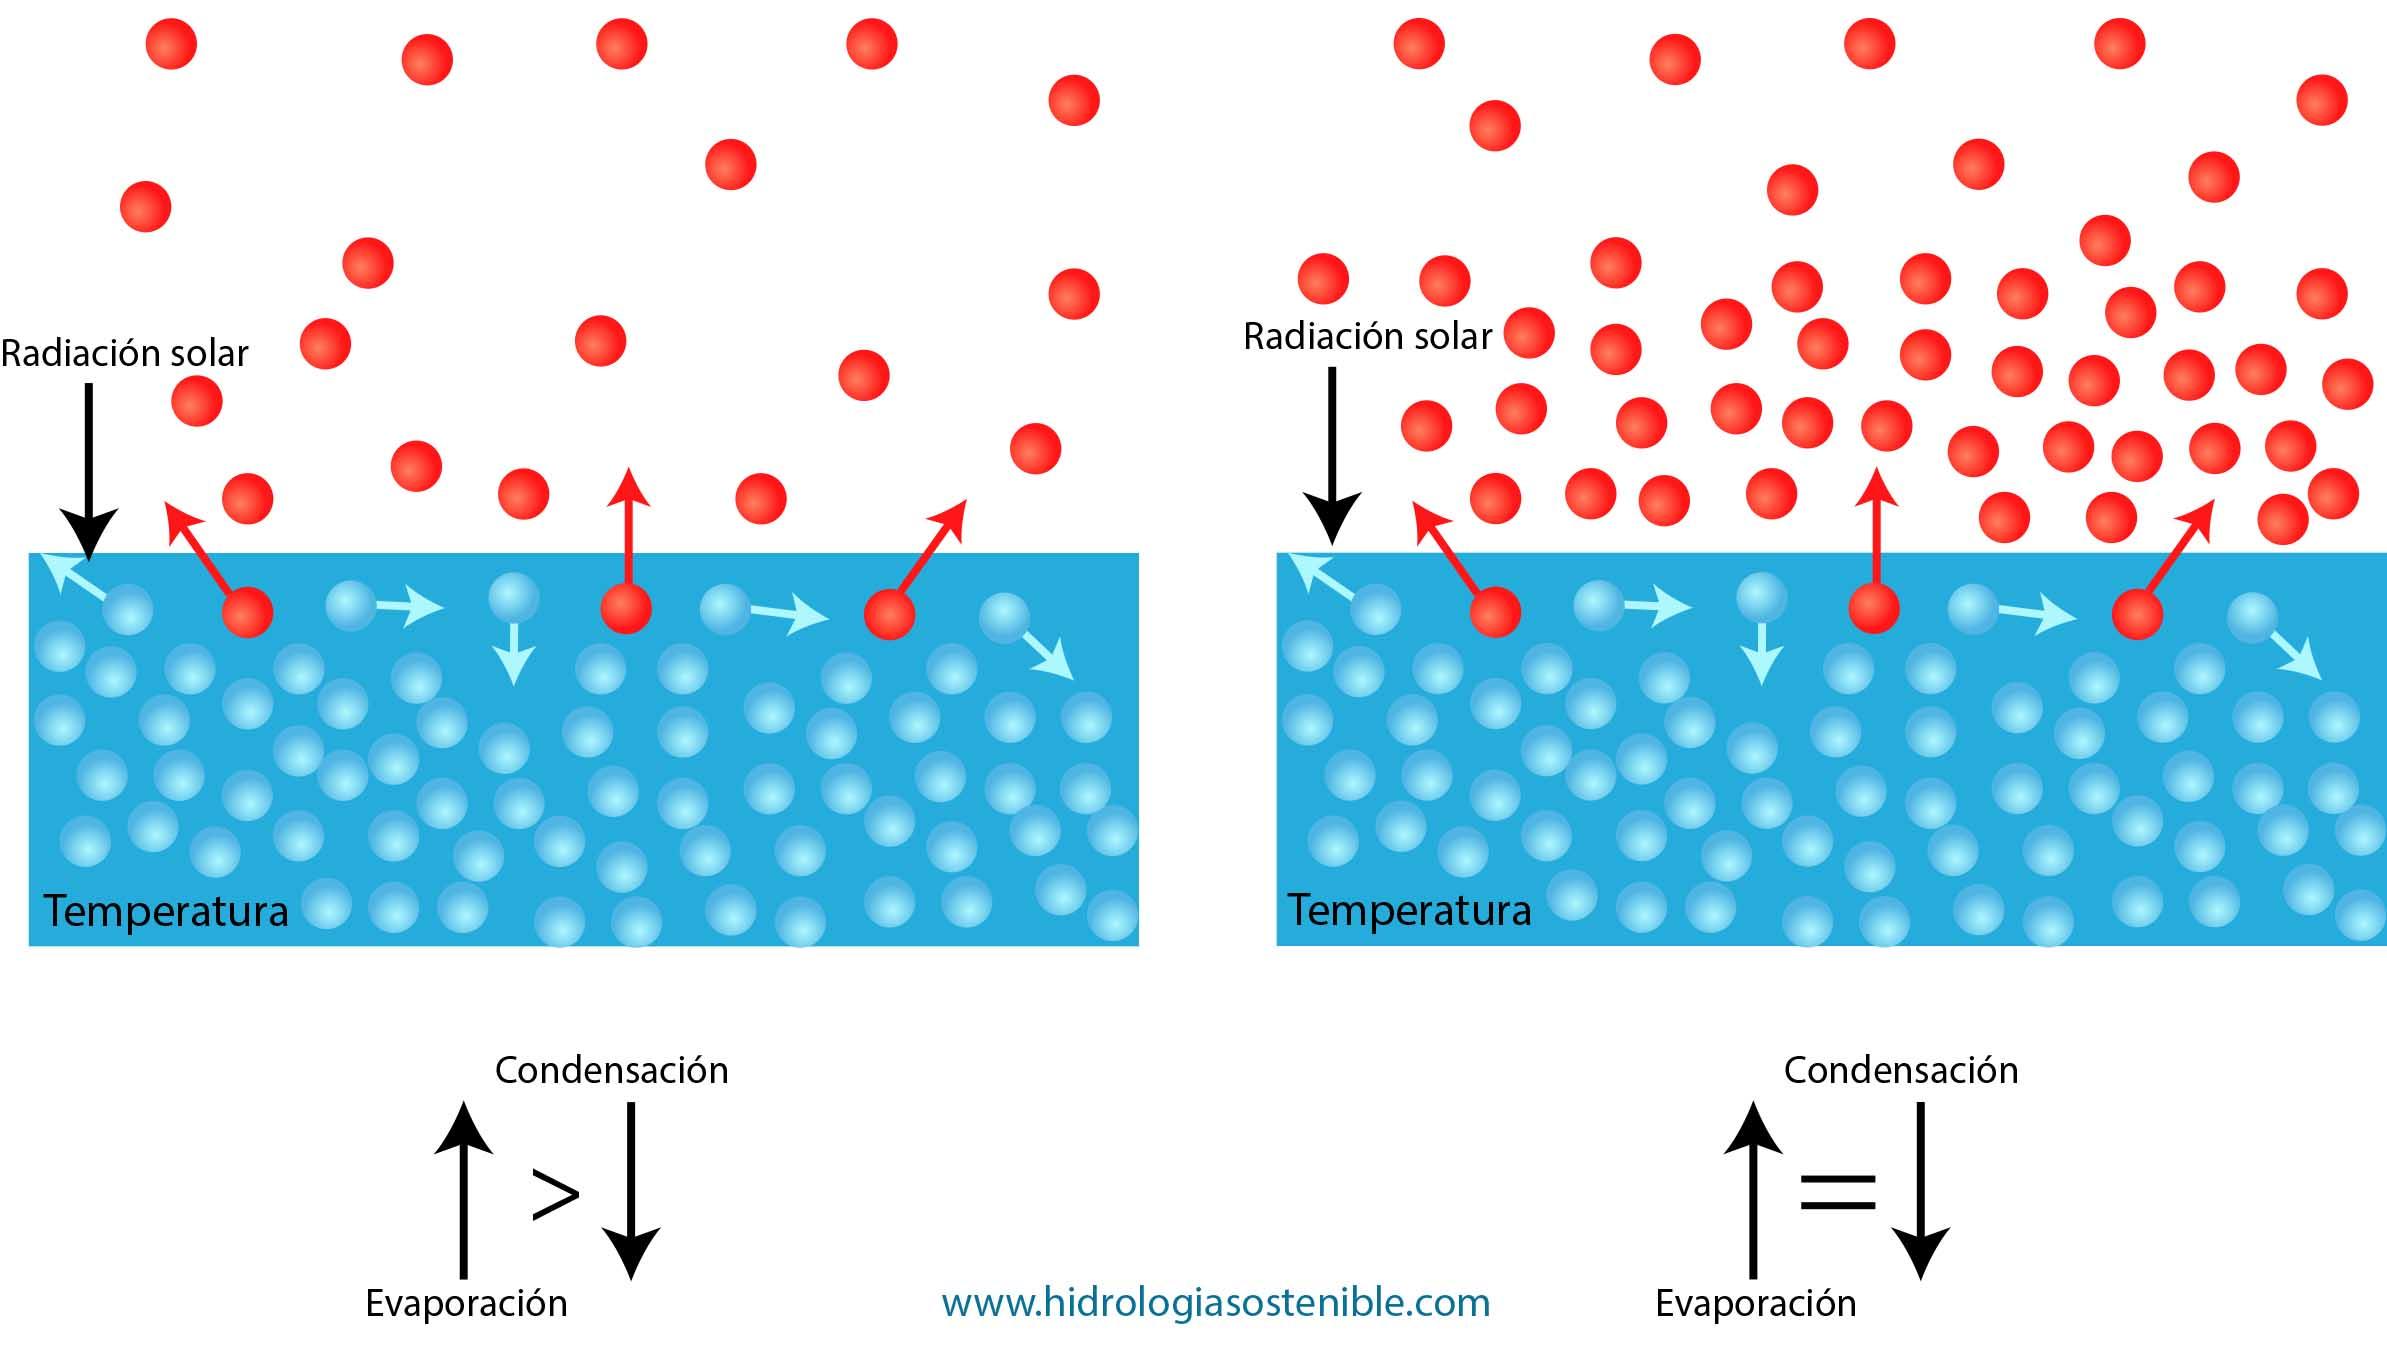 evaporacion-de-agua-desde-una-superficie-libre-ilustracion